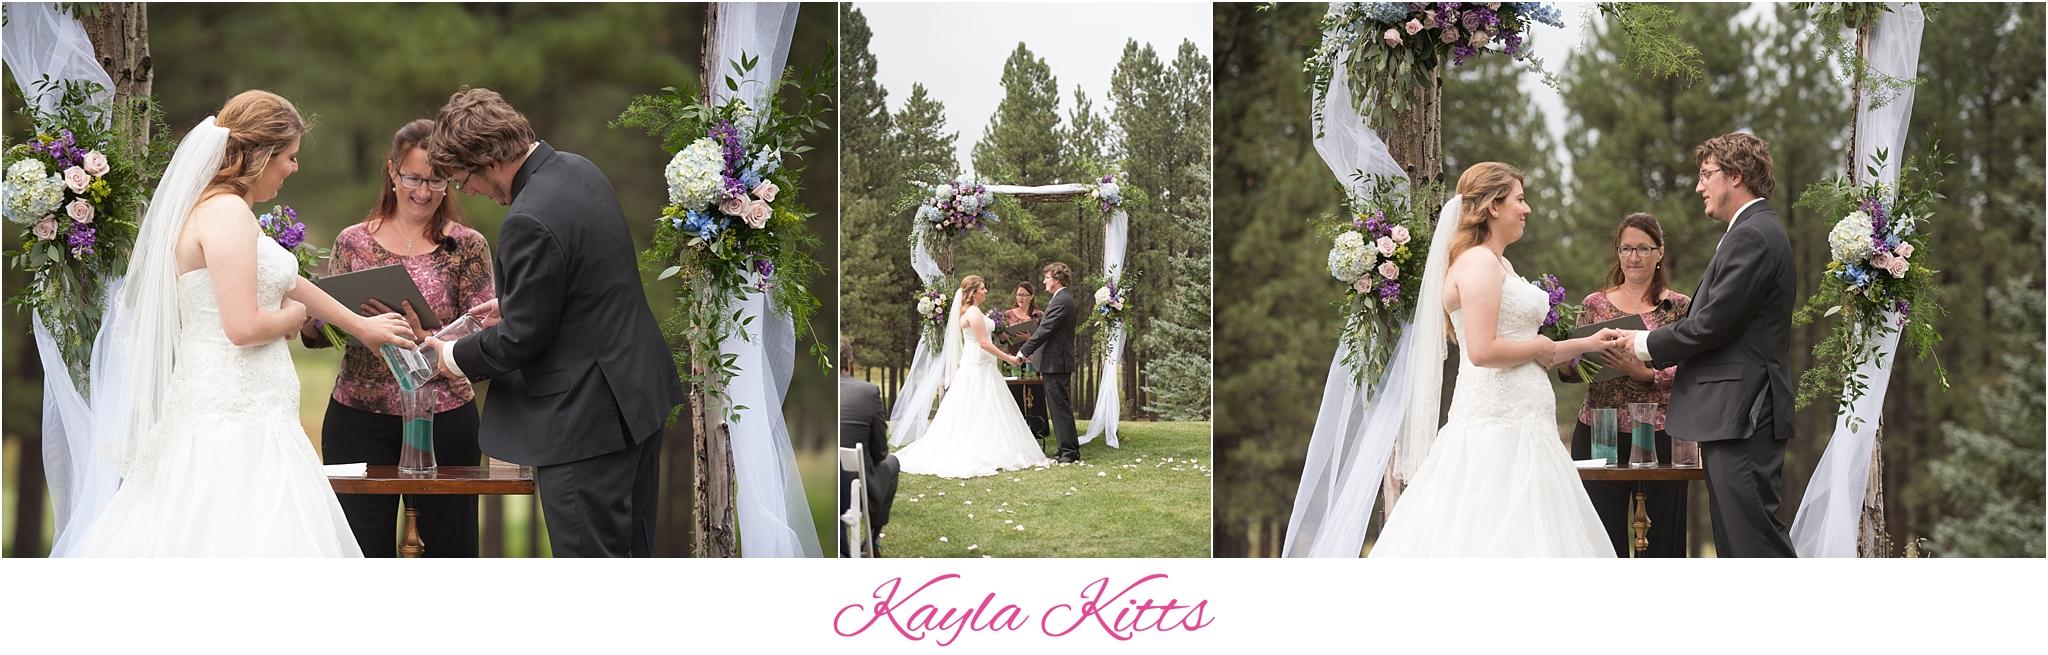 kayla kitts photography - albuquerque wedding photographer - angel fire wedding photographer - angel fire country club - albuquerque venue - casa de suenos - hotel albuquerque wedding - new mexico wedding photographer_0016.jpg